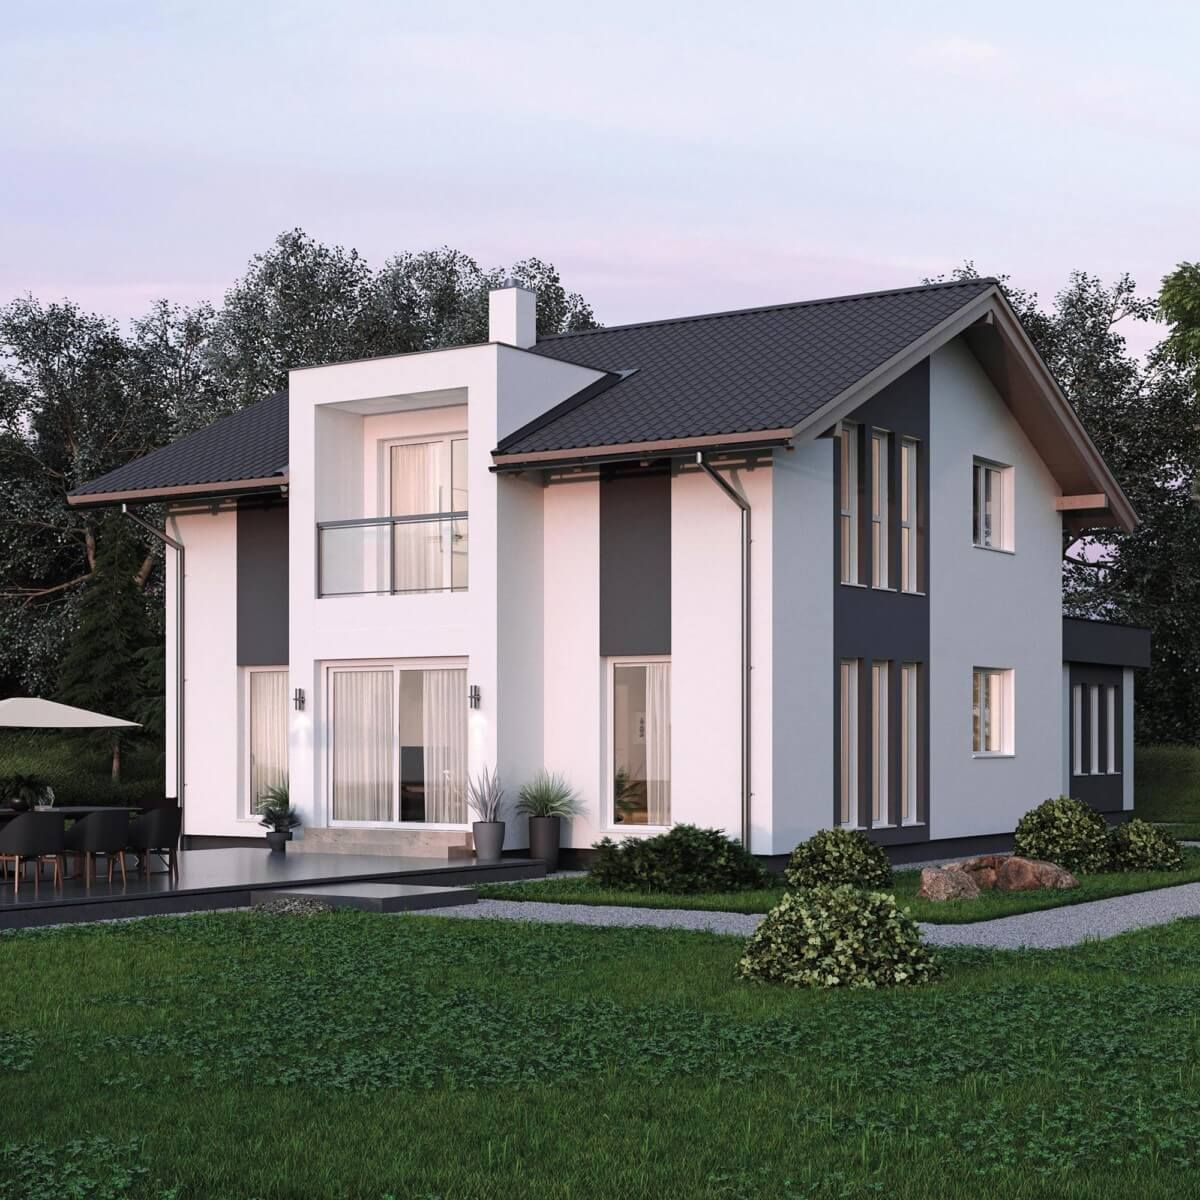 Esszimmer setzt unter 200 einfamilienhaus architektur modern mit büro anbau u zwerchgiebel